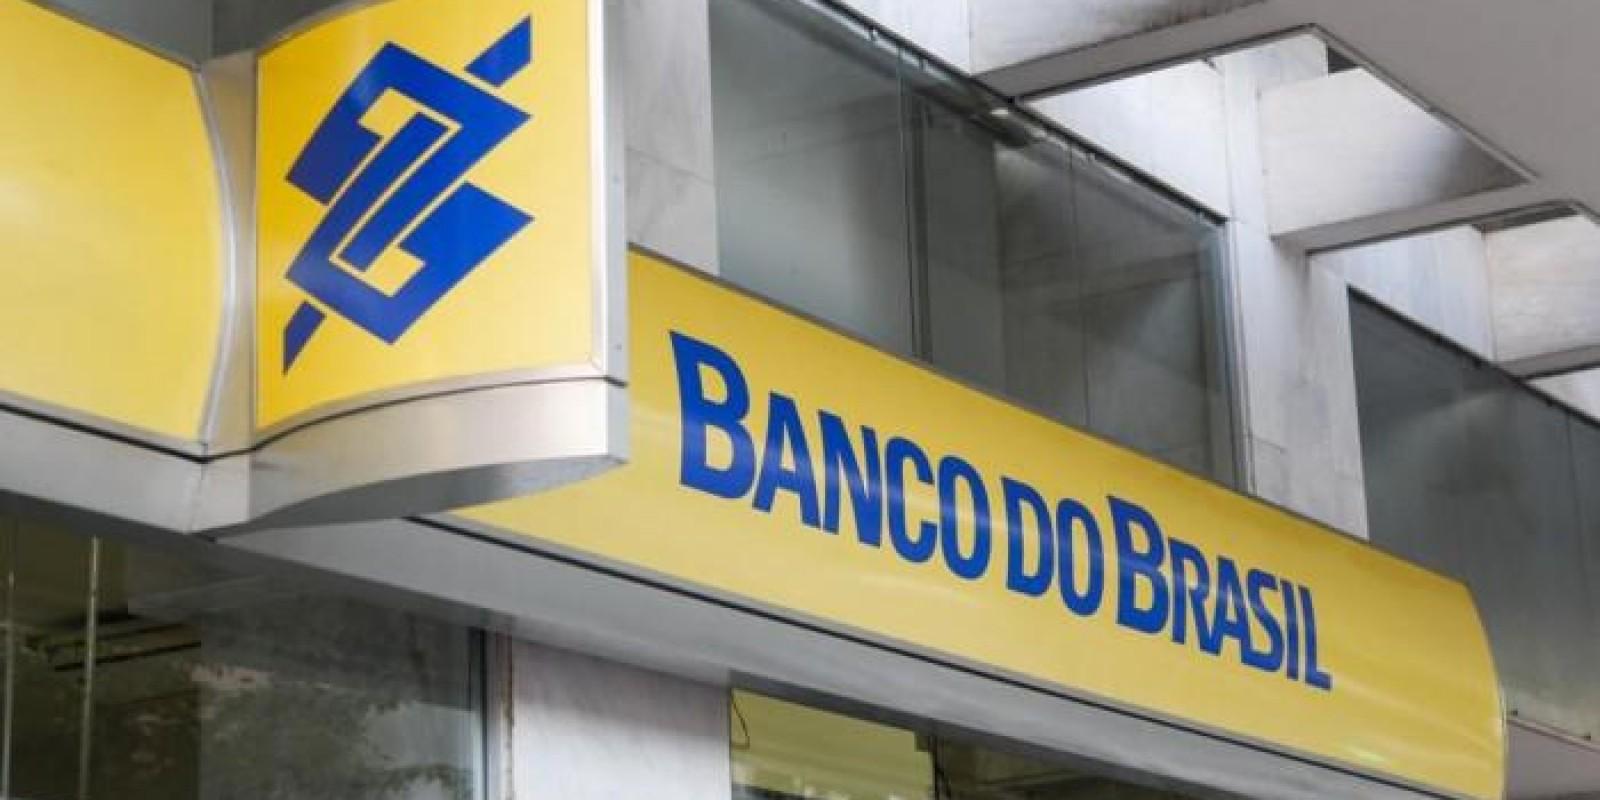 Contraf-CUT disponibiliza material sobre a importância dos bancos públicos